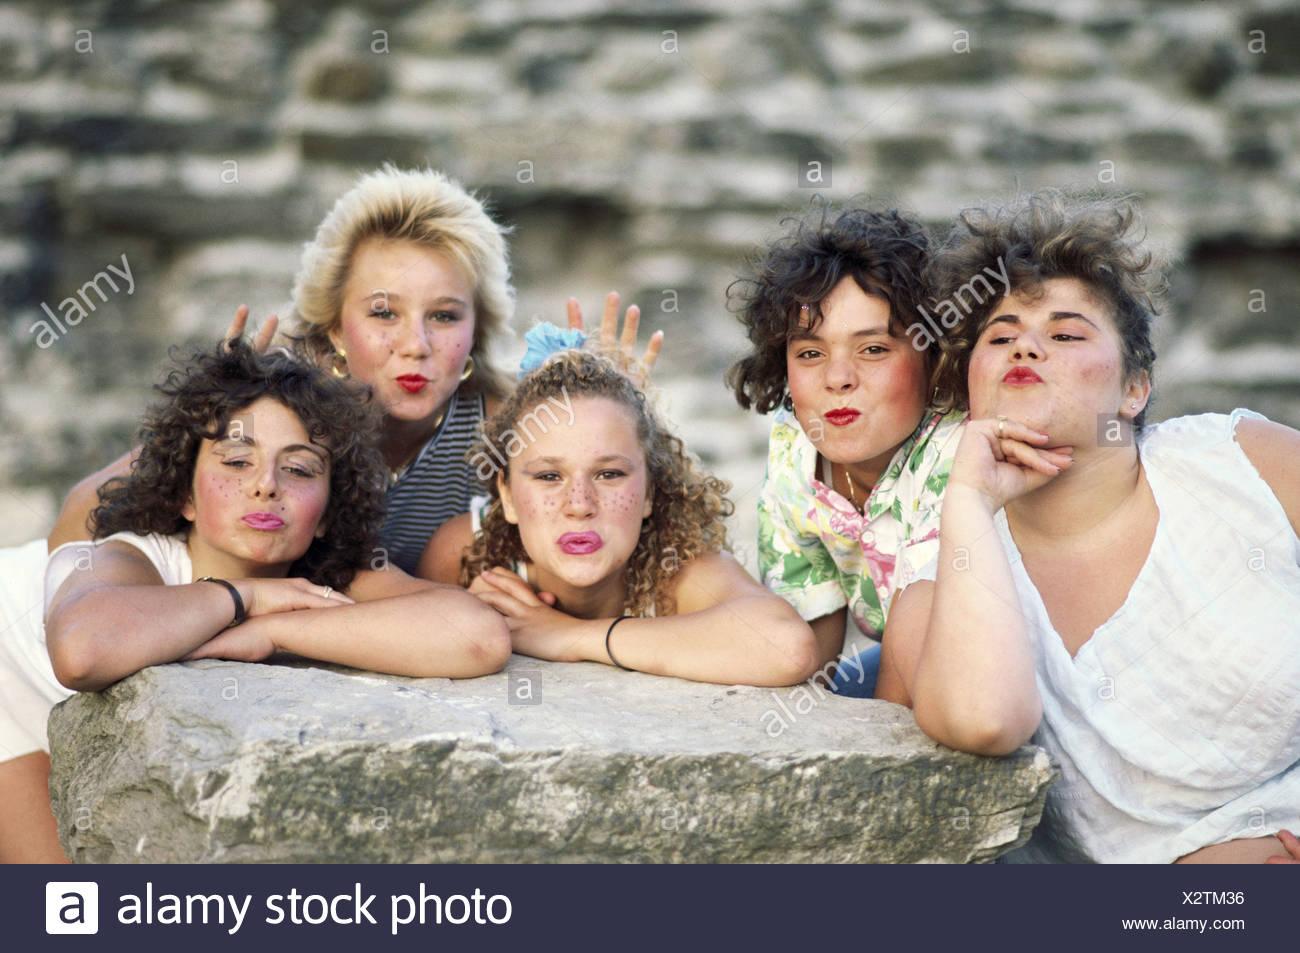 Costituito il gruppo ragazza ridere greasepaints gioca ragazzi adolescenti amuses Immagini Stock